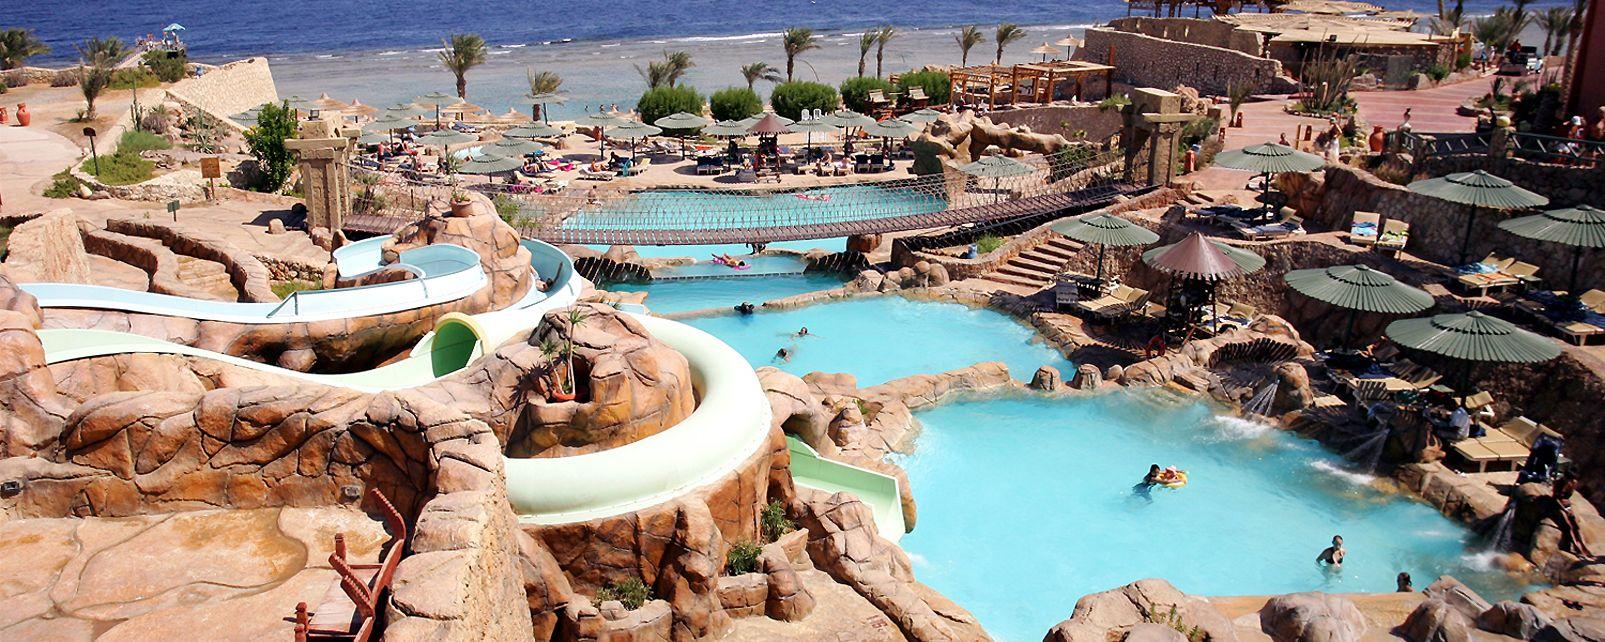 Hauza Beach Hotel